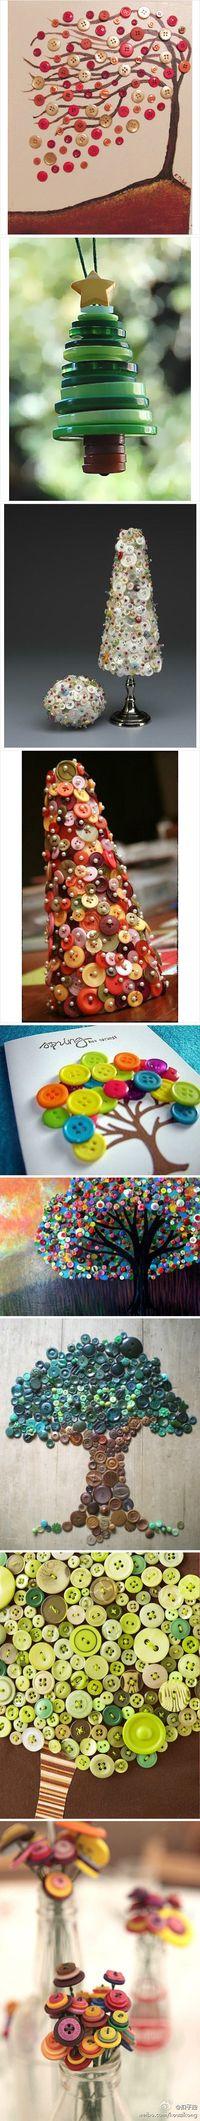 Hoy en día, el Día del Árbol, que no hay condiciones para hacer crecer los árboles a los tipos de botones